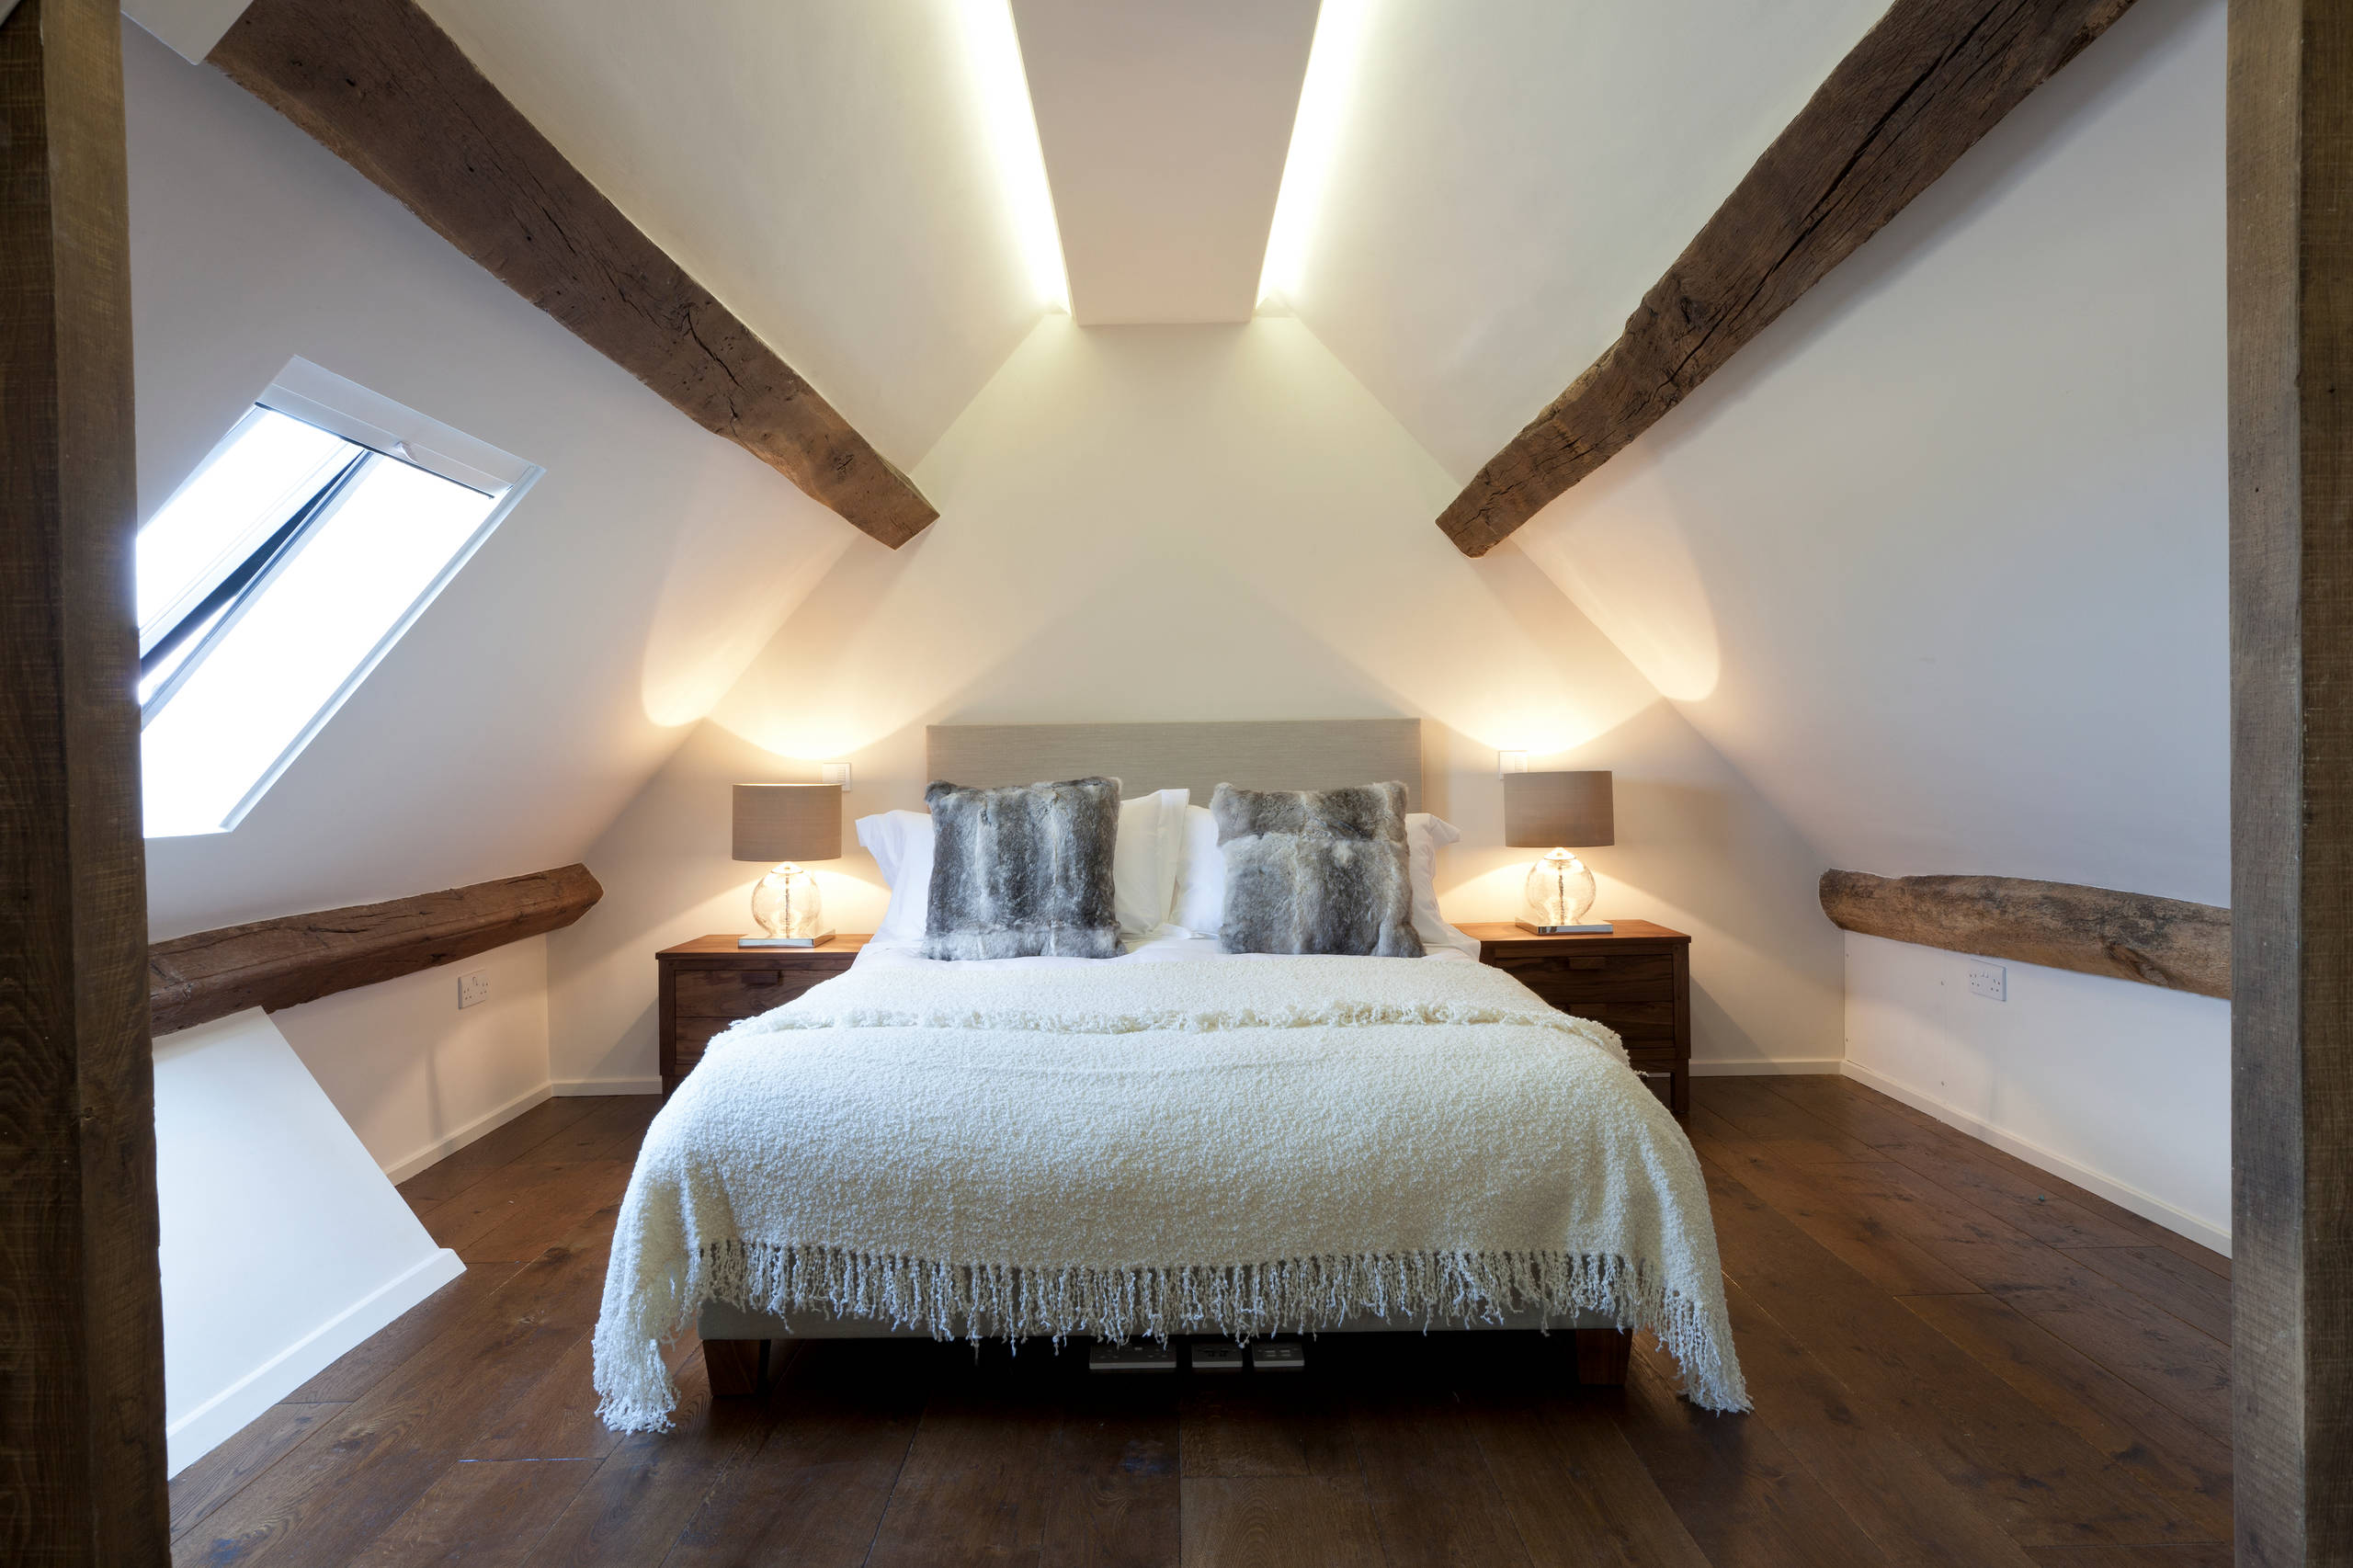 dormitorio acogedor con madera